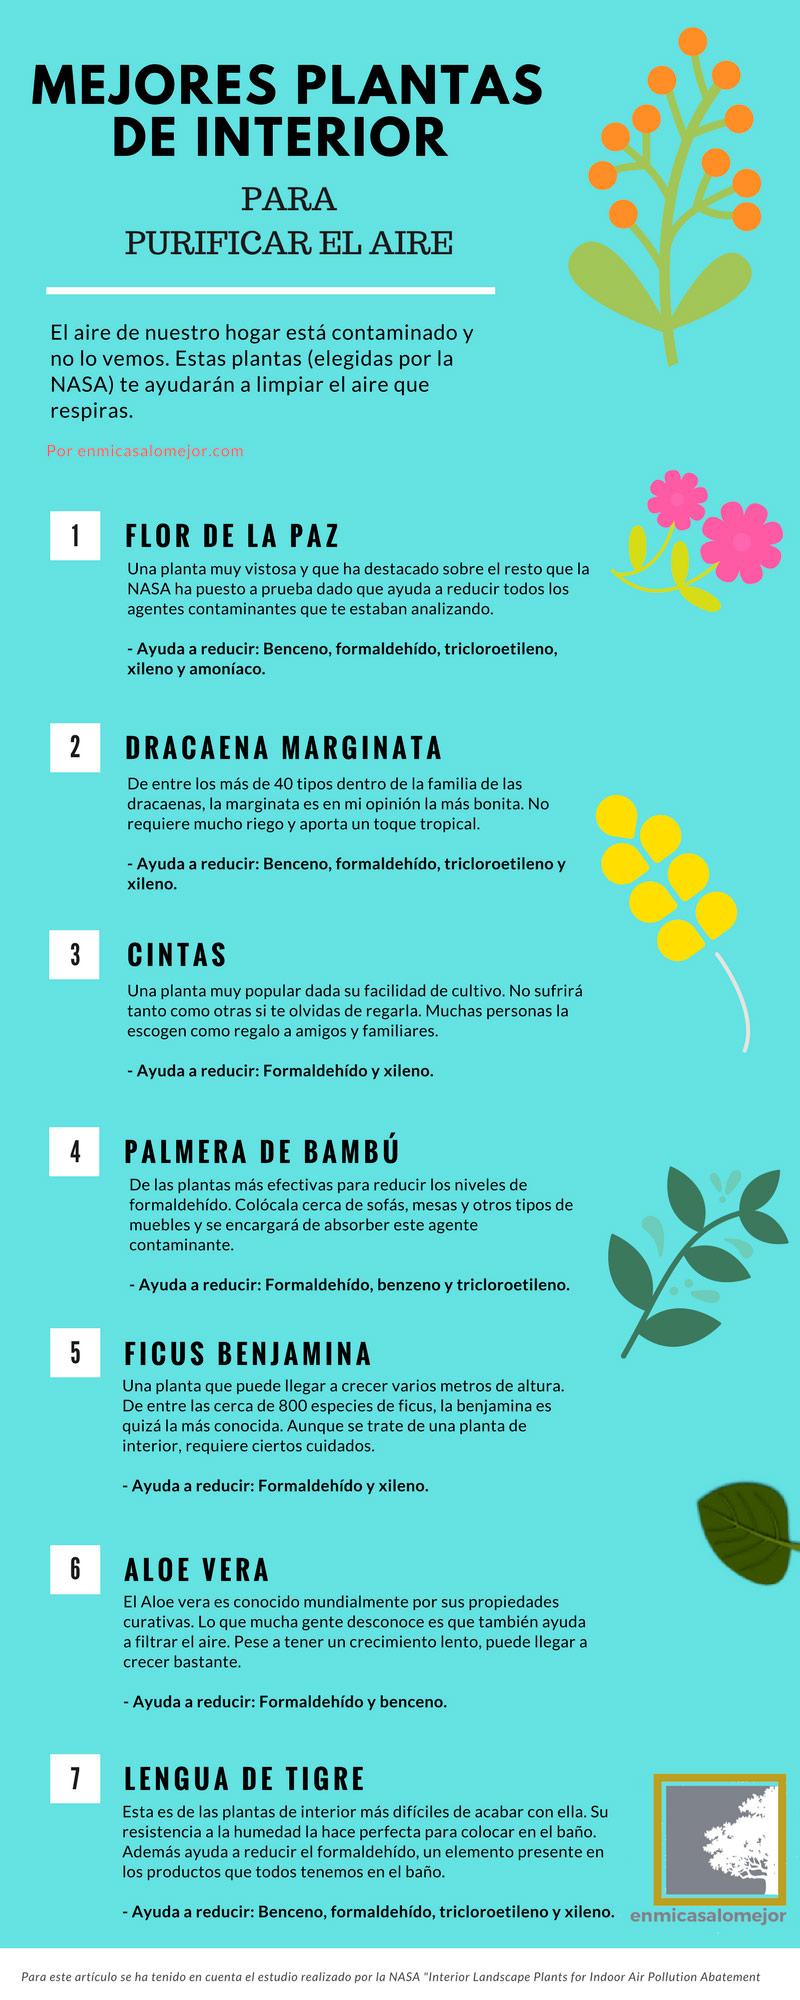 Las mejores plantas de interior para purificar el aire